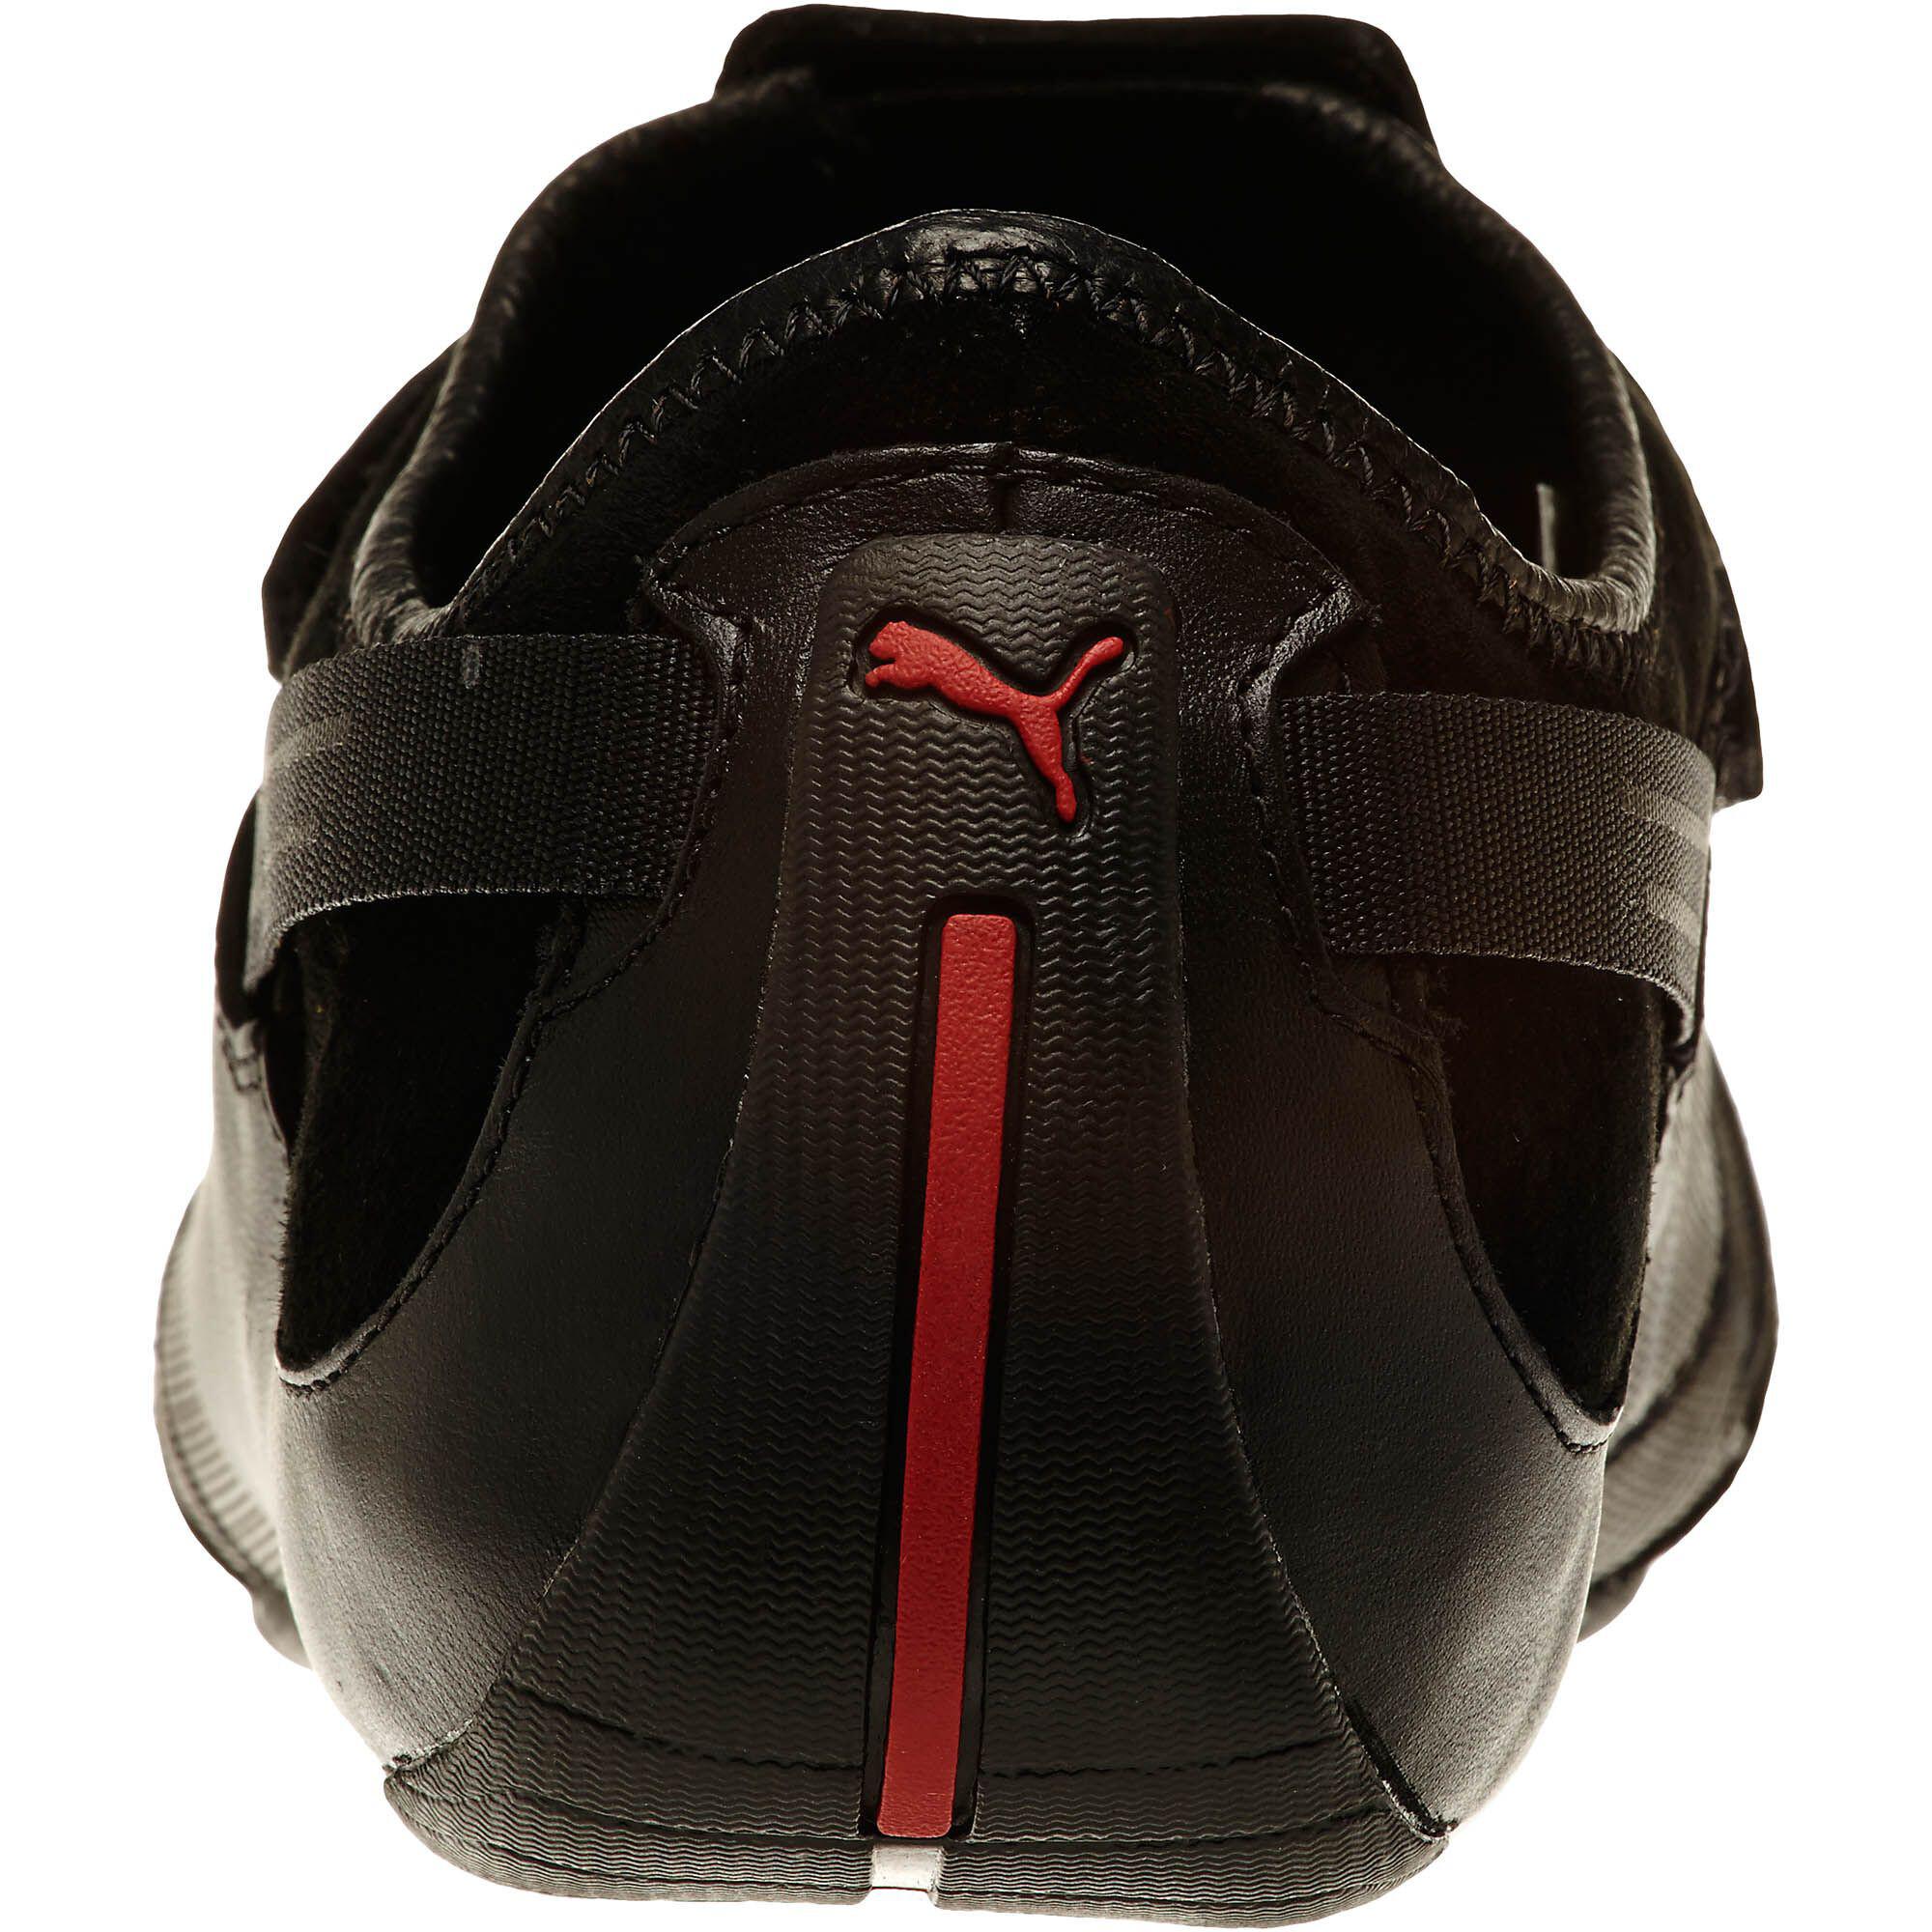 PUMA-Vedano-Men-039-s-Shoes-Men-Shoe-Motorsport thumbnail 8